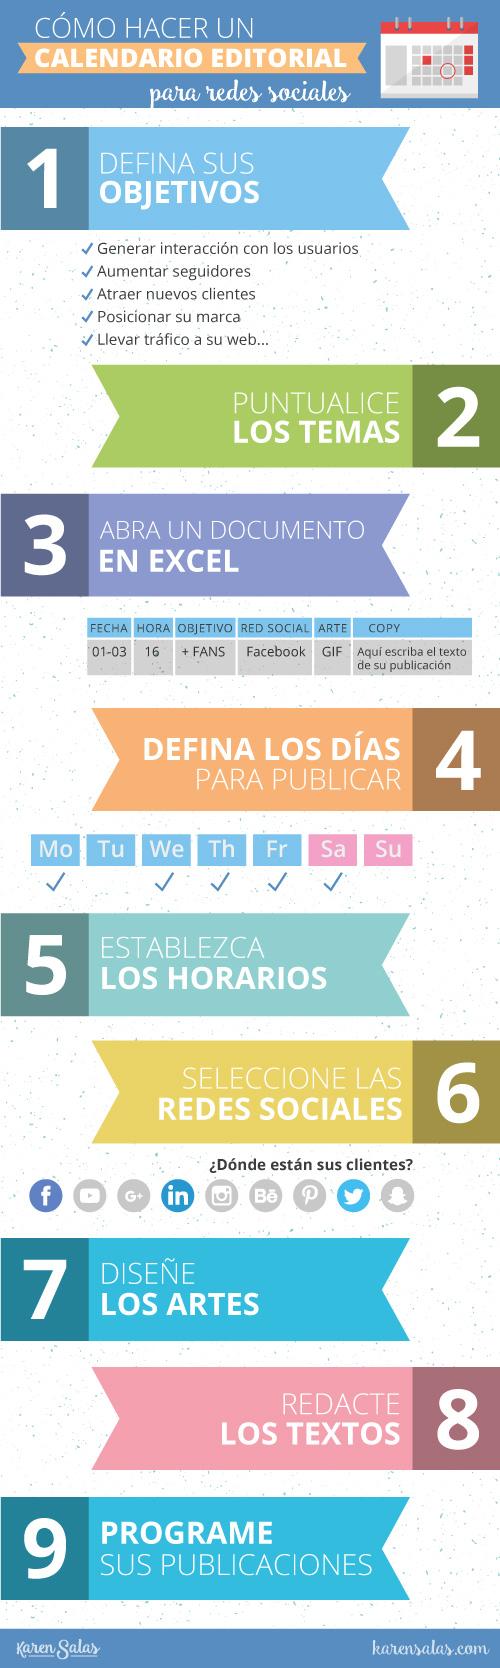 calendario-editorial-infografia